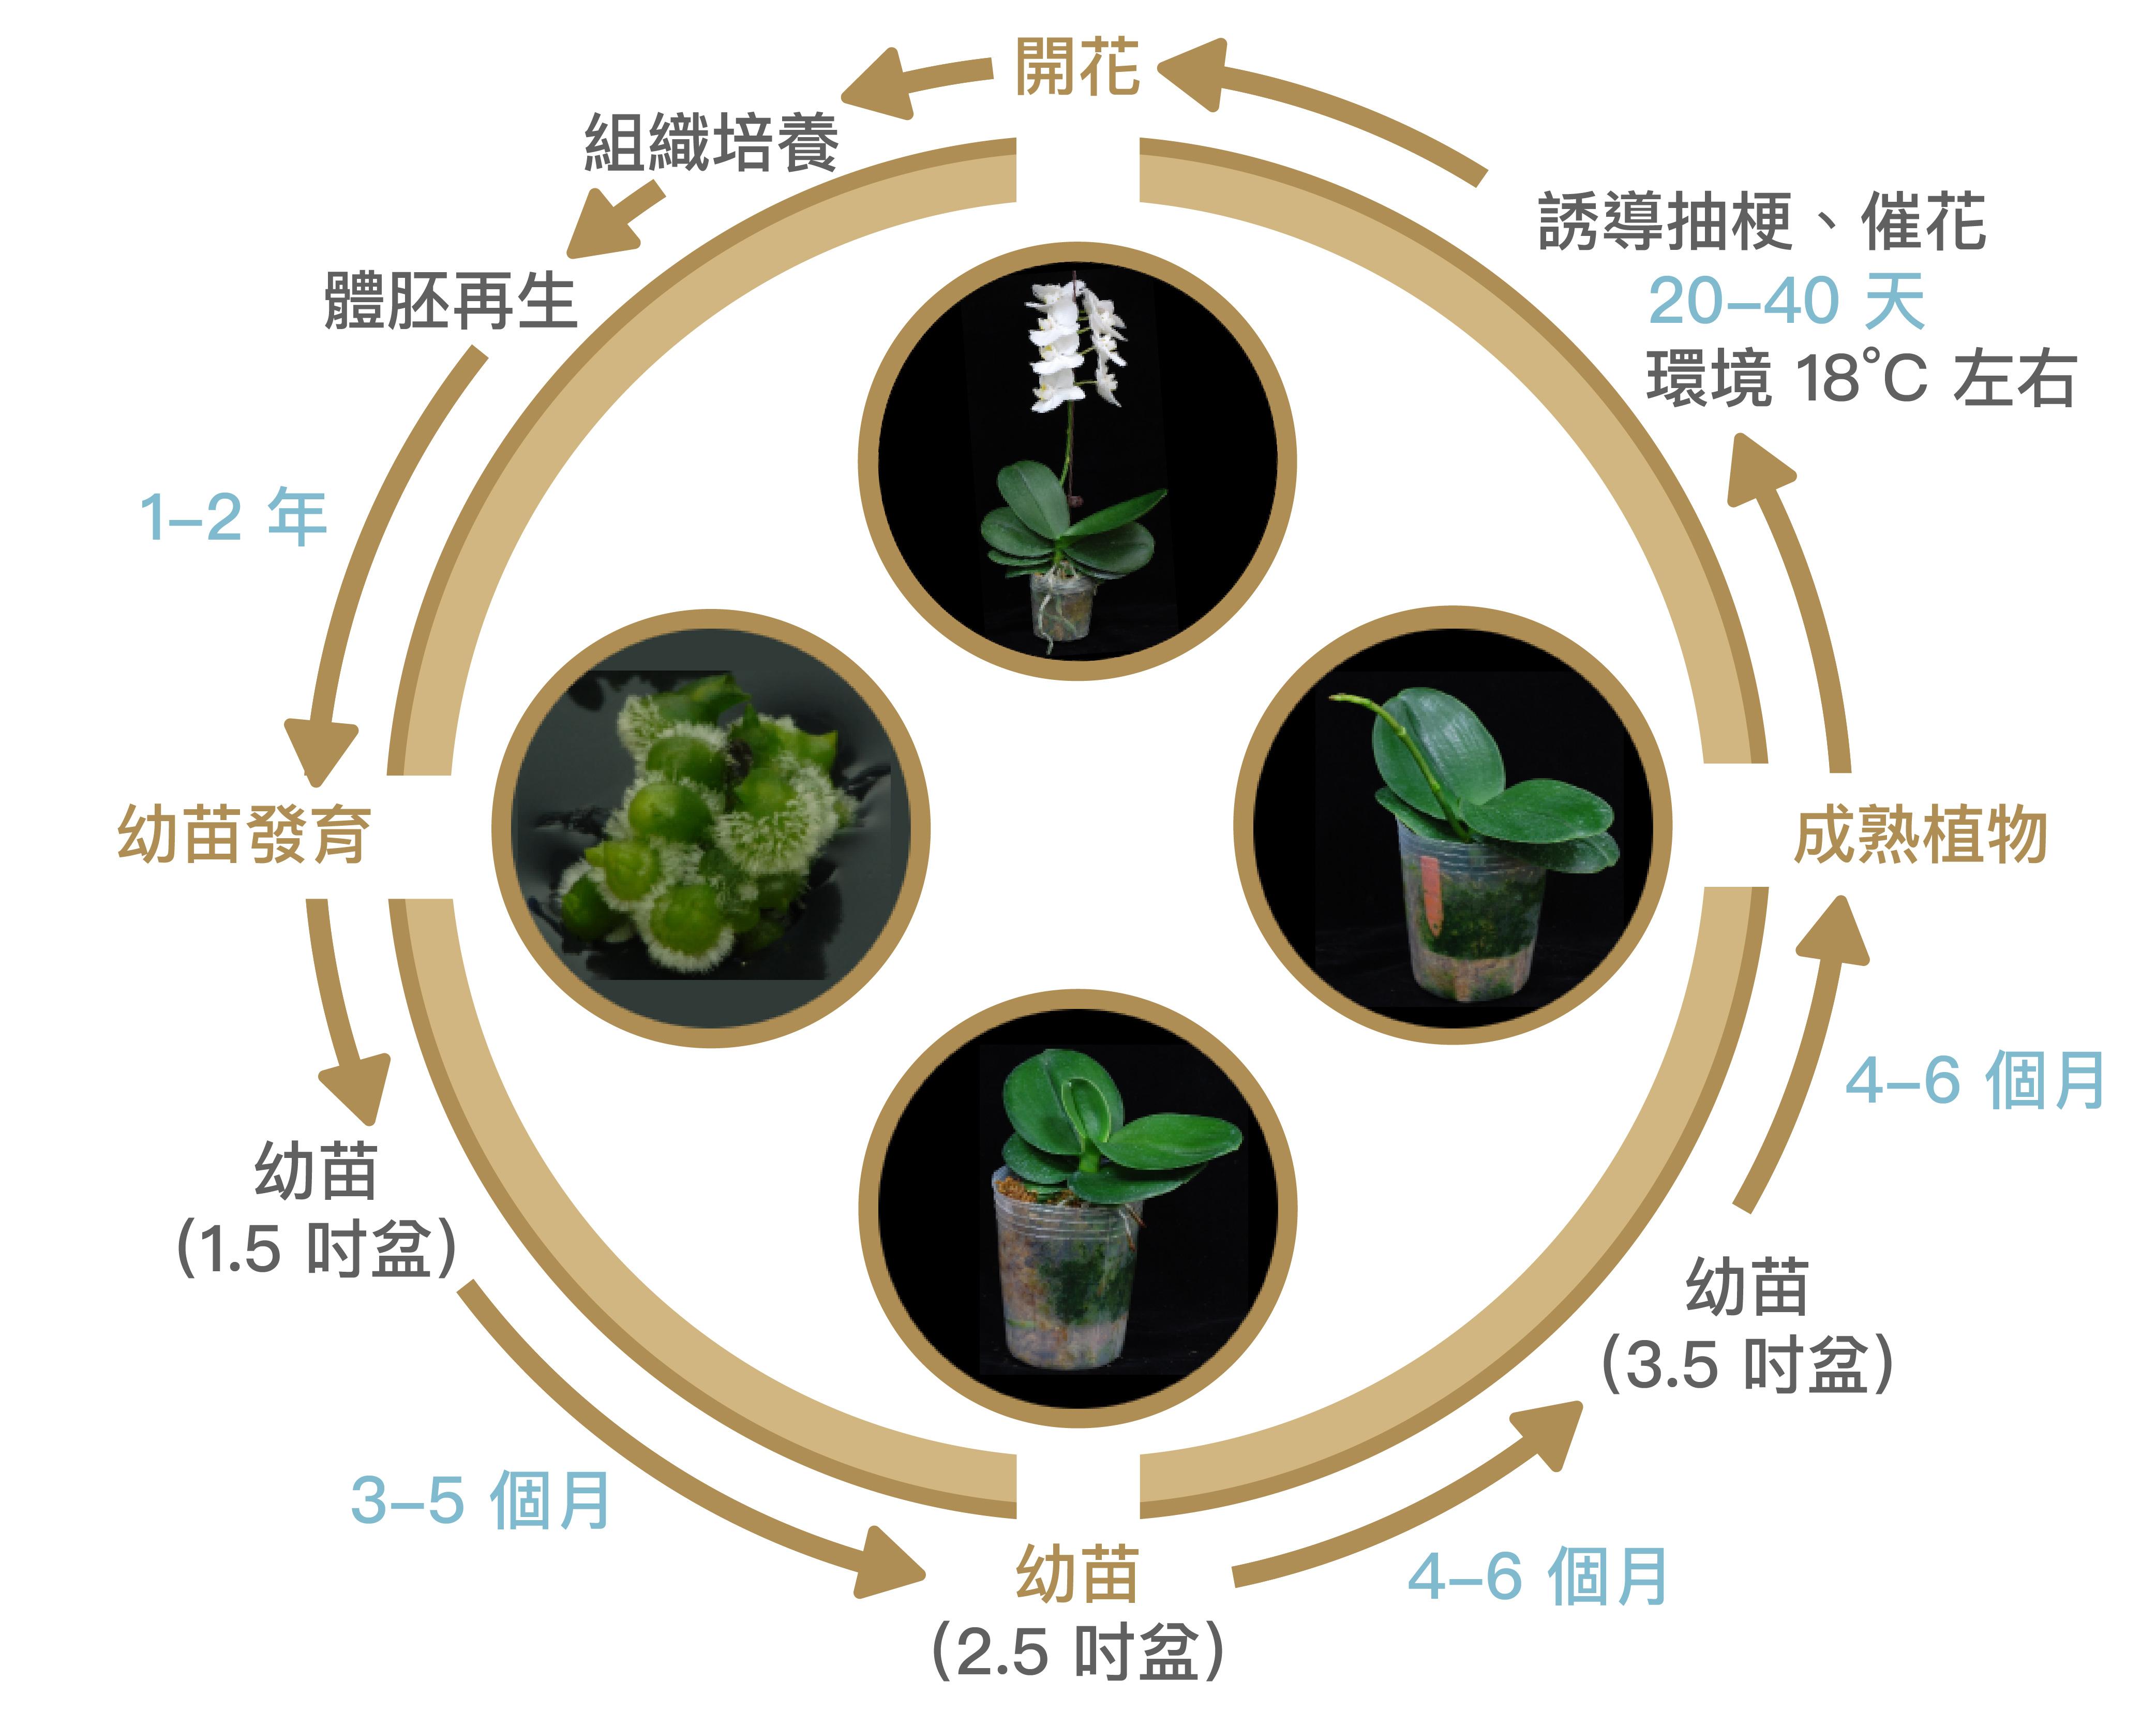 蘭花的生命週期。要如何縮短組織培養、催花的時間,以及開出想要的花型,是農民最關心的問題。圖│研之有物 (資料來源│施明哲)